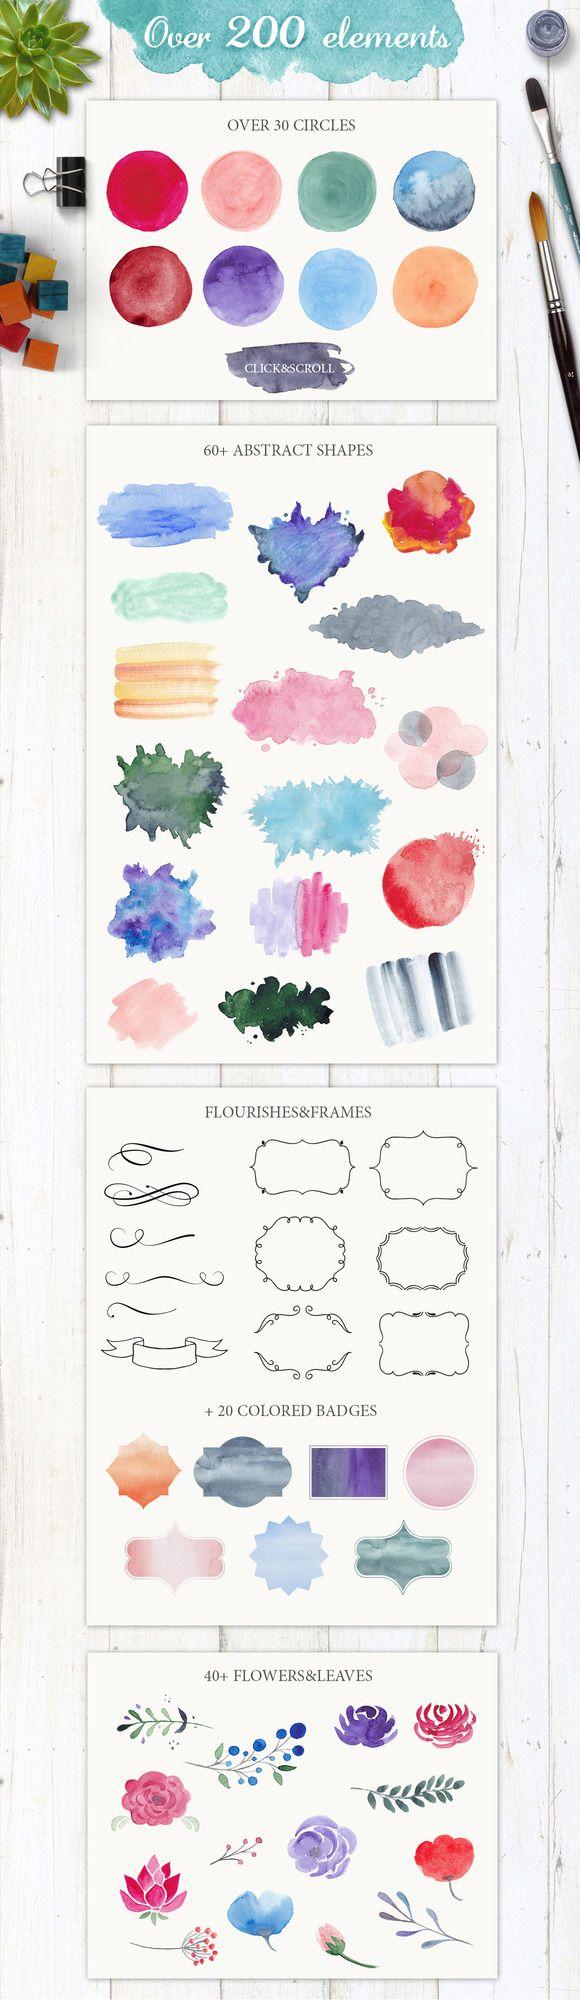 200 watercolor elements Download Watercolor Logo Bundle DIY http://crtv.mk/y4Ev #watercolor #watercolorlogo #bundle #graphics #designkit #watercolour #logotype #watercolor_logo #watercolor_texture #wash